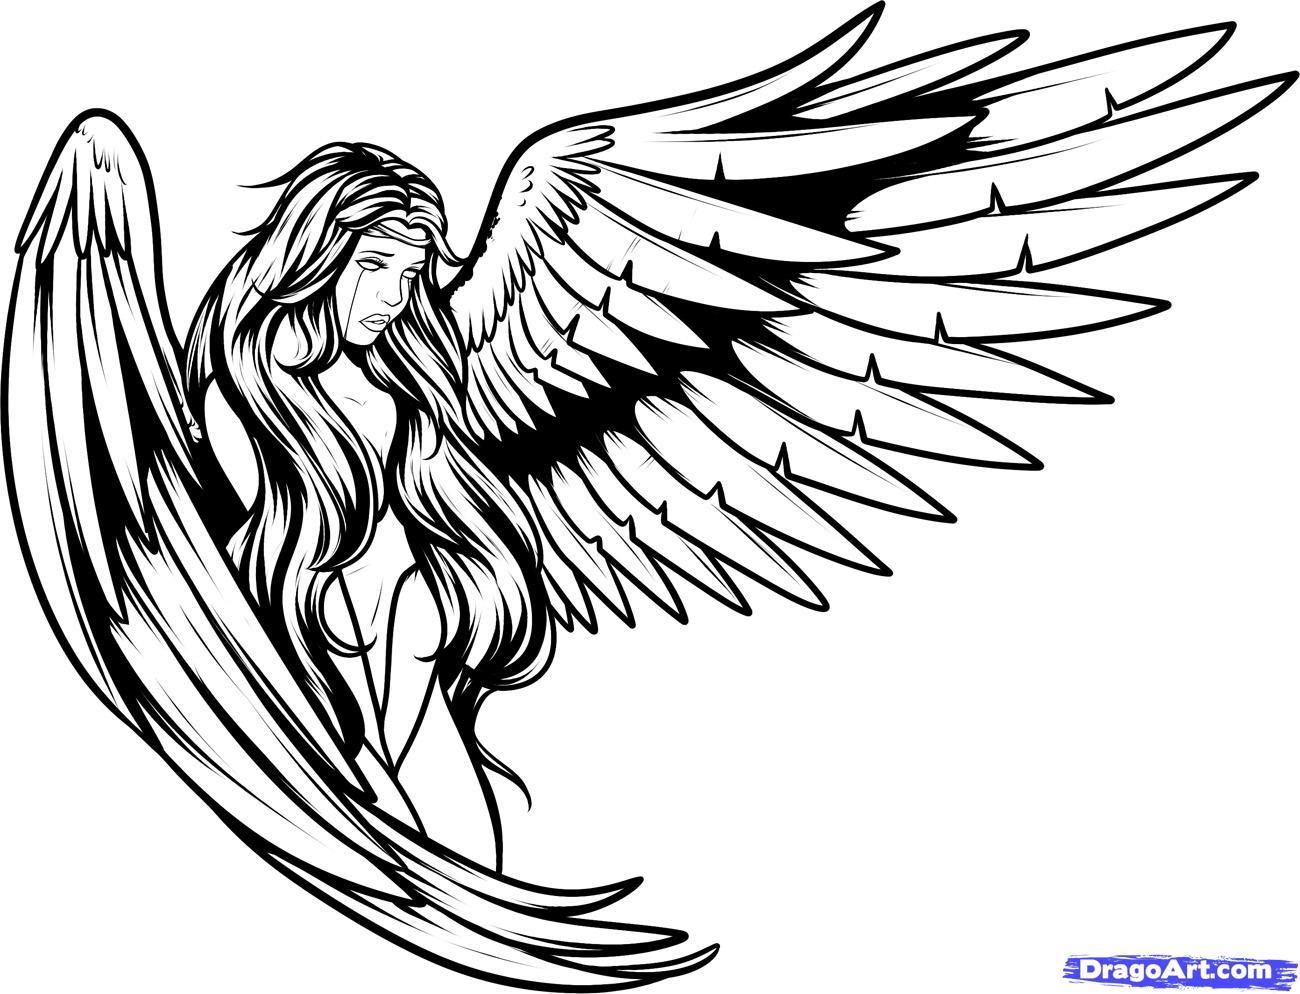 1300x994 Graffiti Sketch Angel Sketch Graffiti Angels Bad Angel Girl